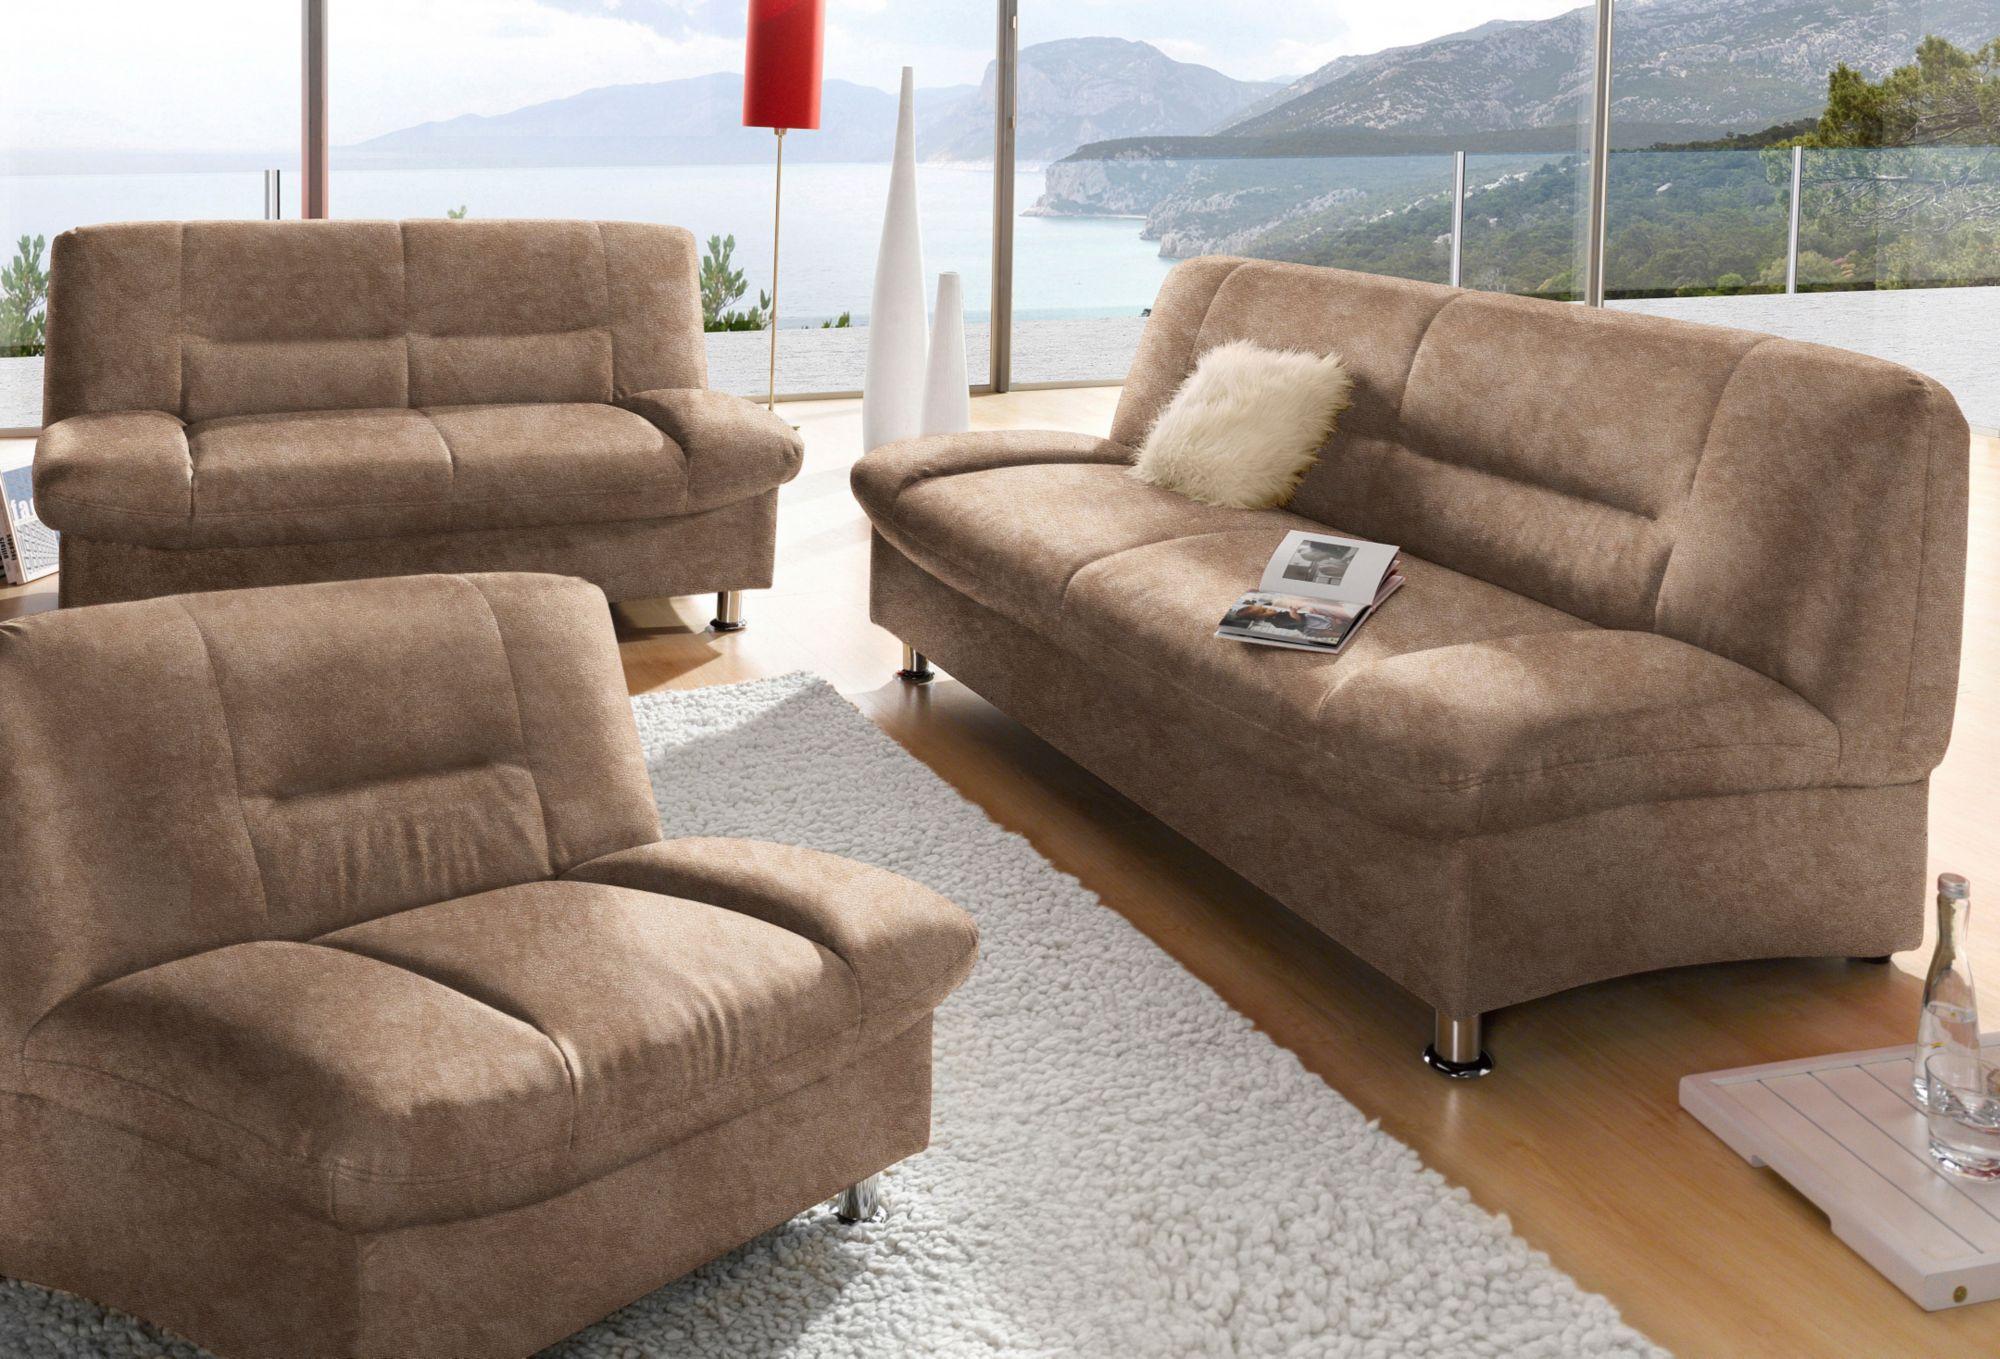 polster garnituren im schwab online shop m bel sofas. Black Bedroom Furniture Sets. Home Design Ideas